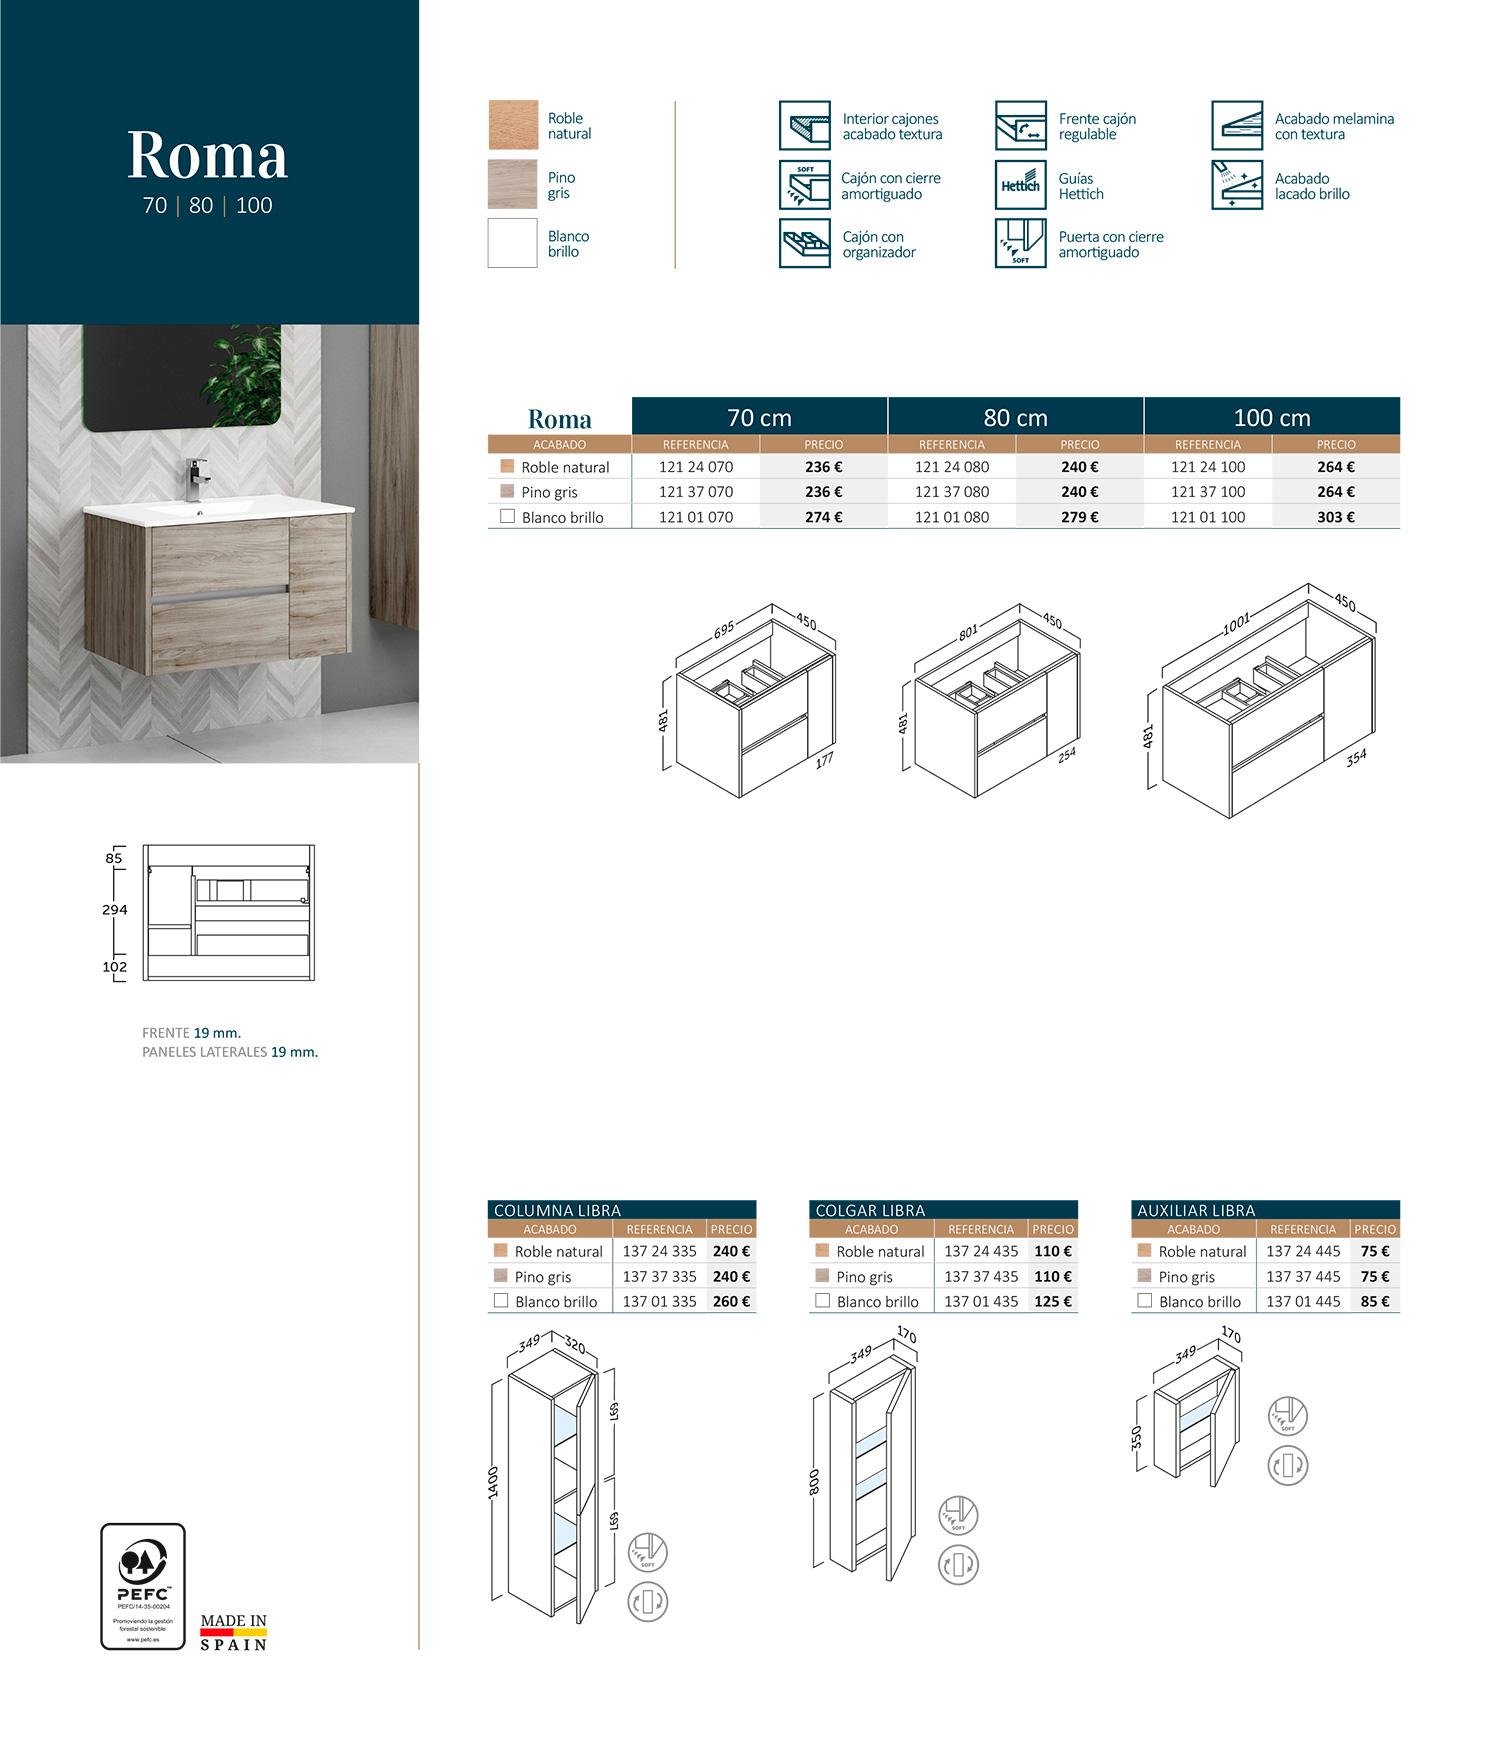 Mueble de baño Roma Sánchez Baños